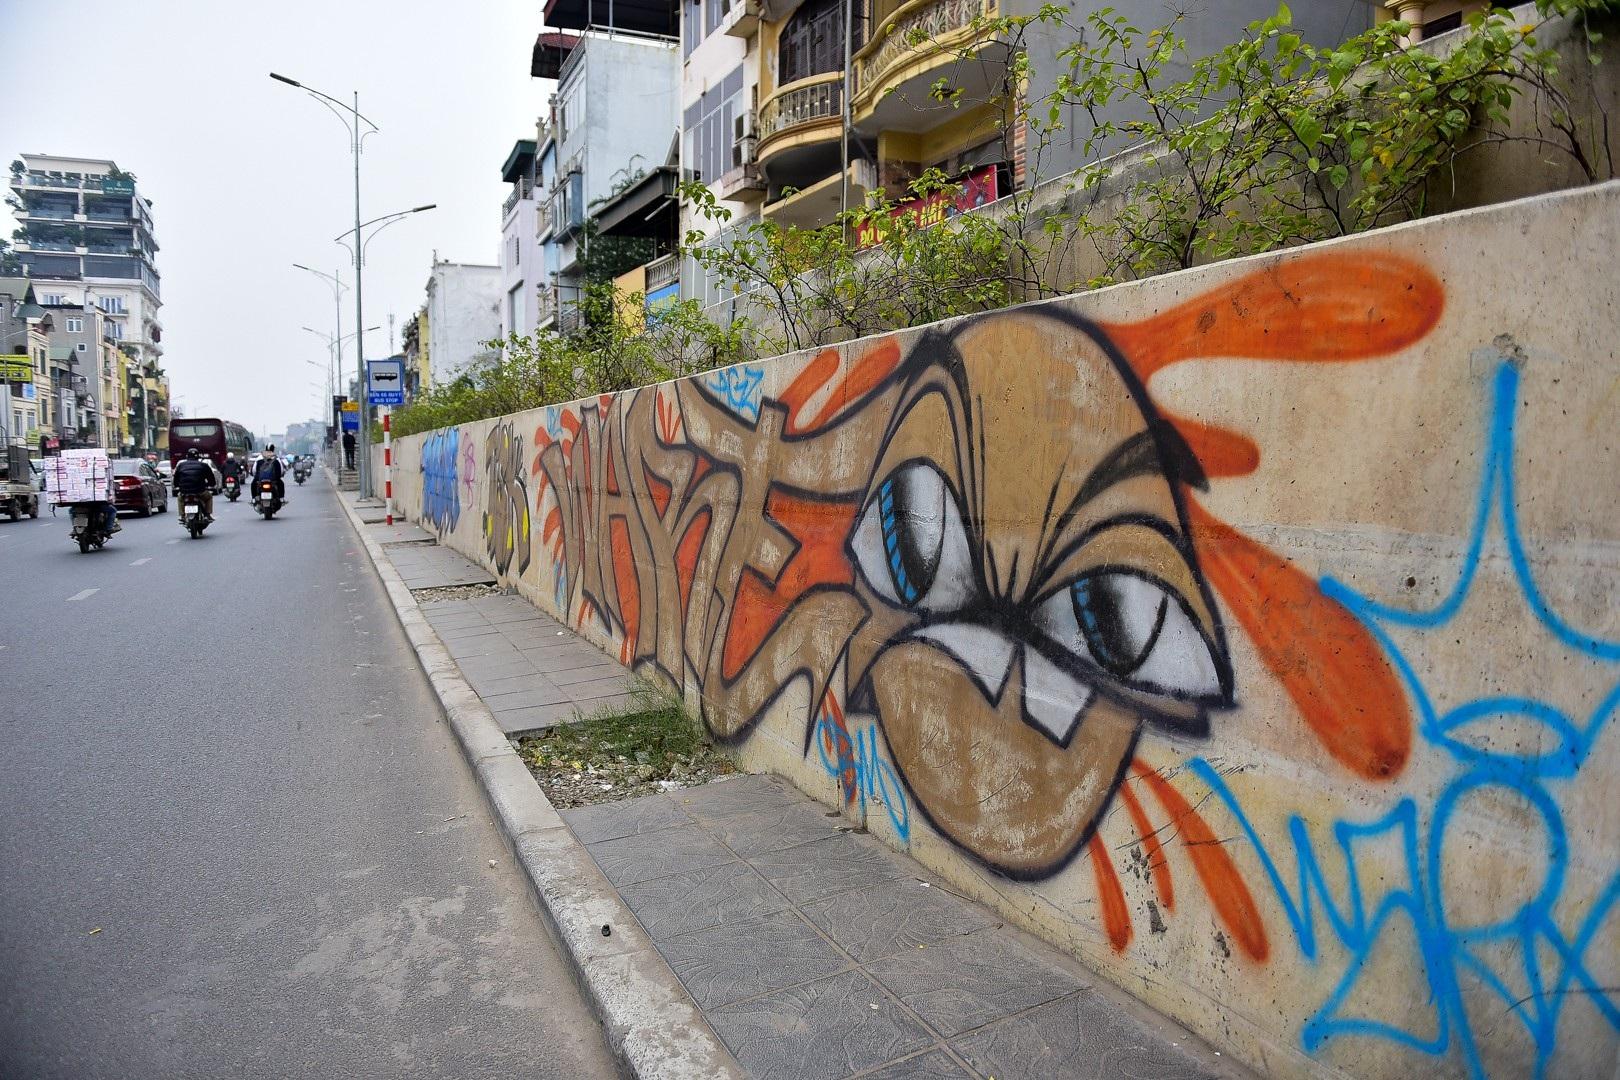 Vẽ graffiti kín tuyến đường tiền tỷ mới mở rộng ở Hà Nội - Ảnh 3.